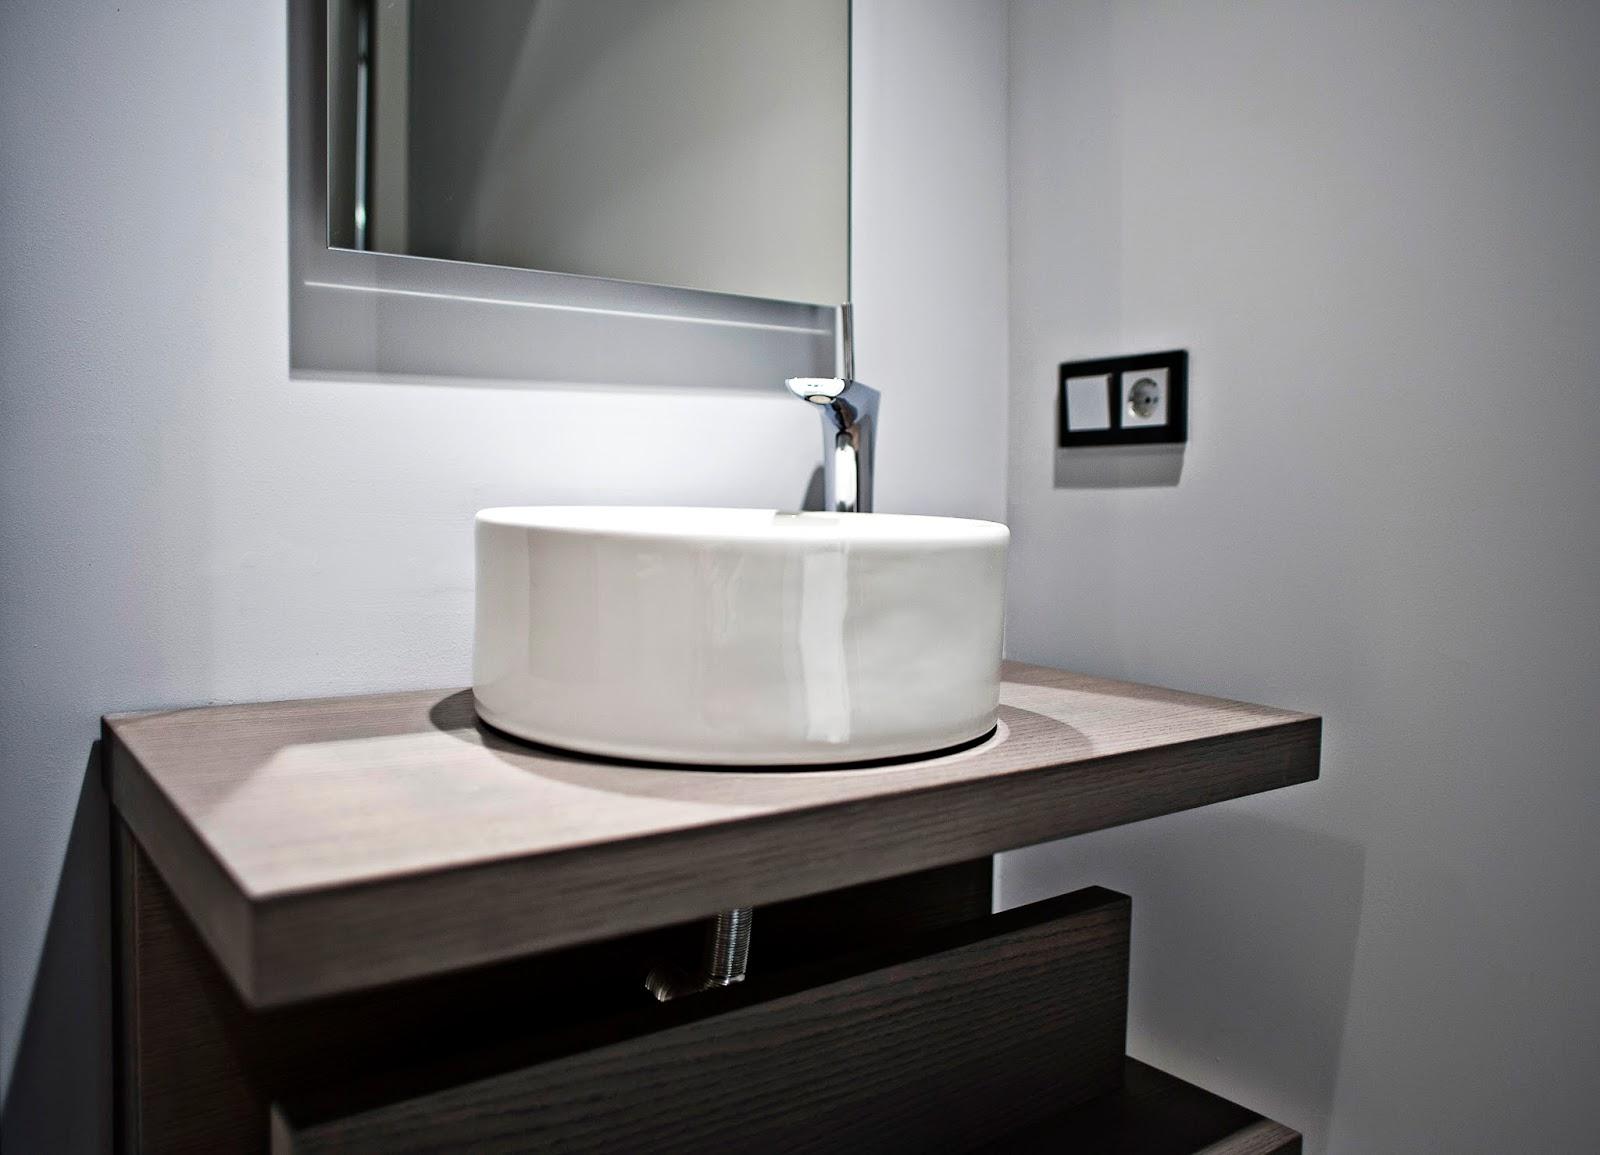 Dise o y estilo para ba os y cocinas en nuestras casas - Grifos para lavabos sobre encimera ...